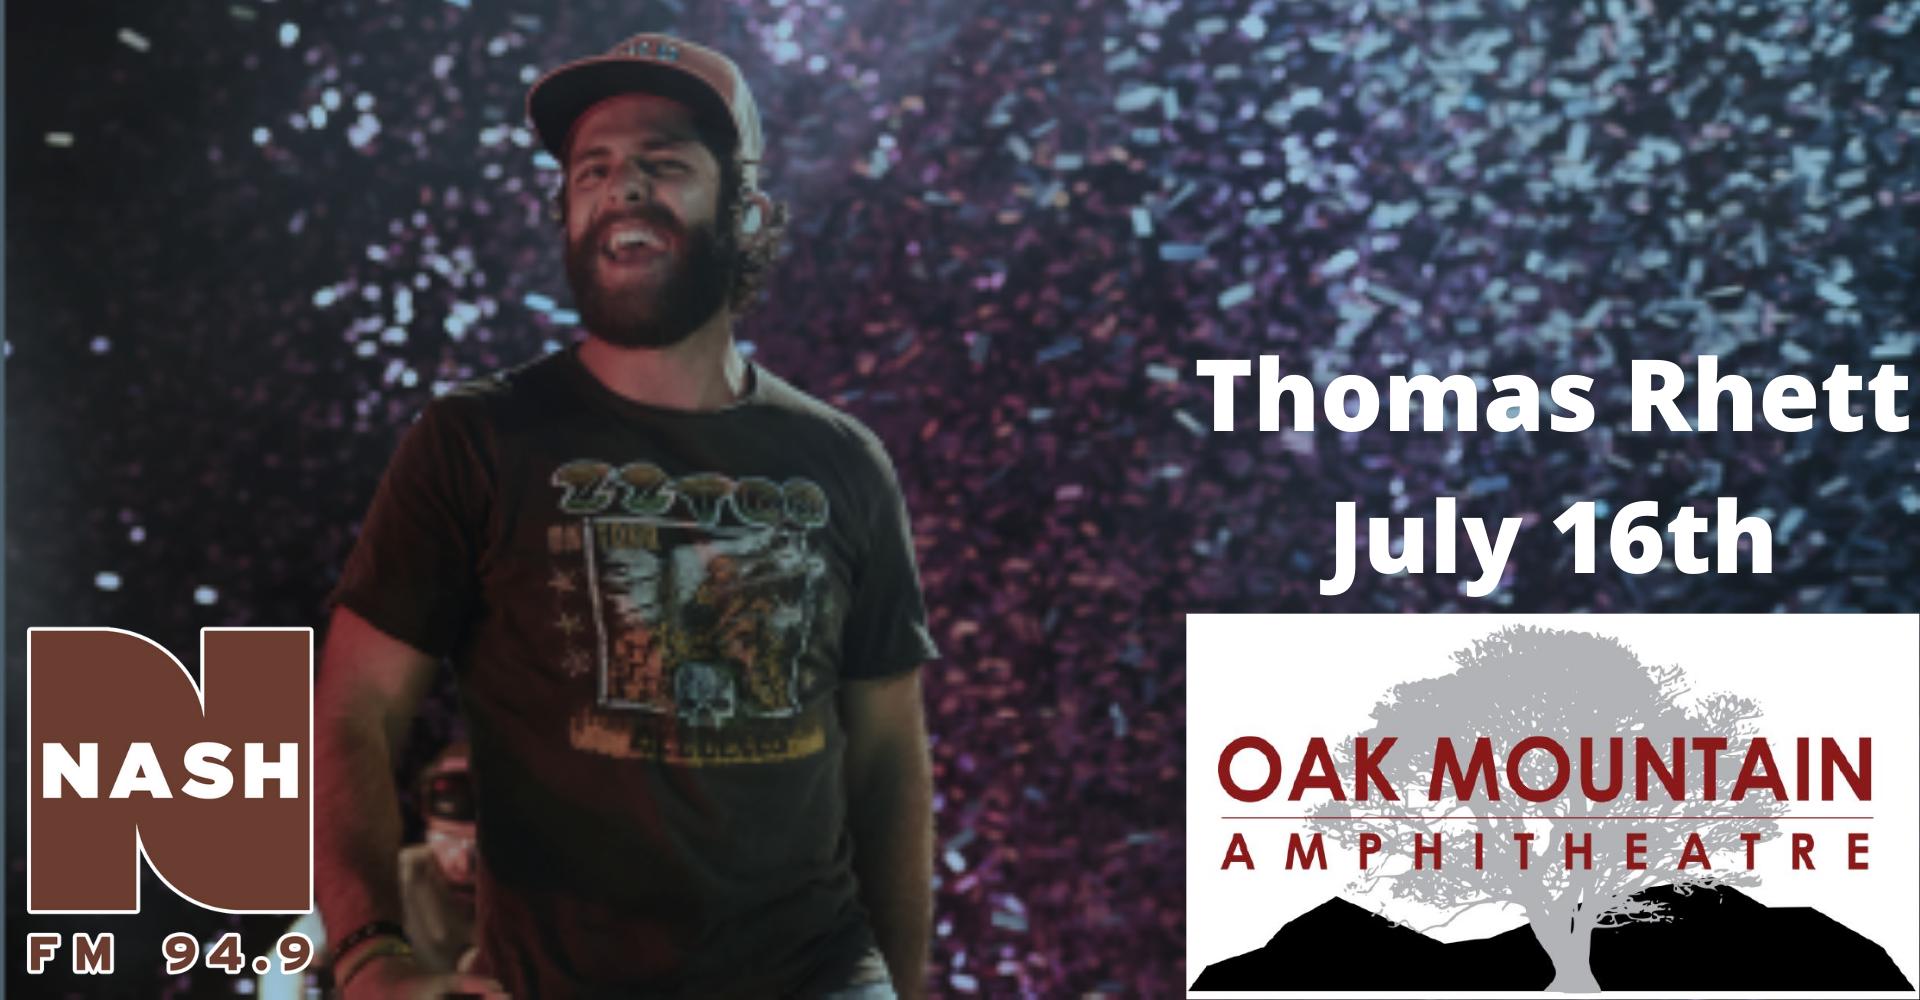 Thomas Rhett at Oak Mountain Amphitheater July 16th